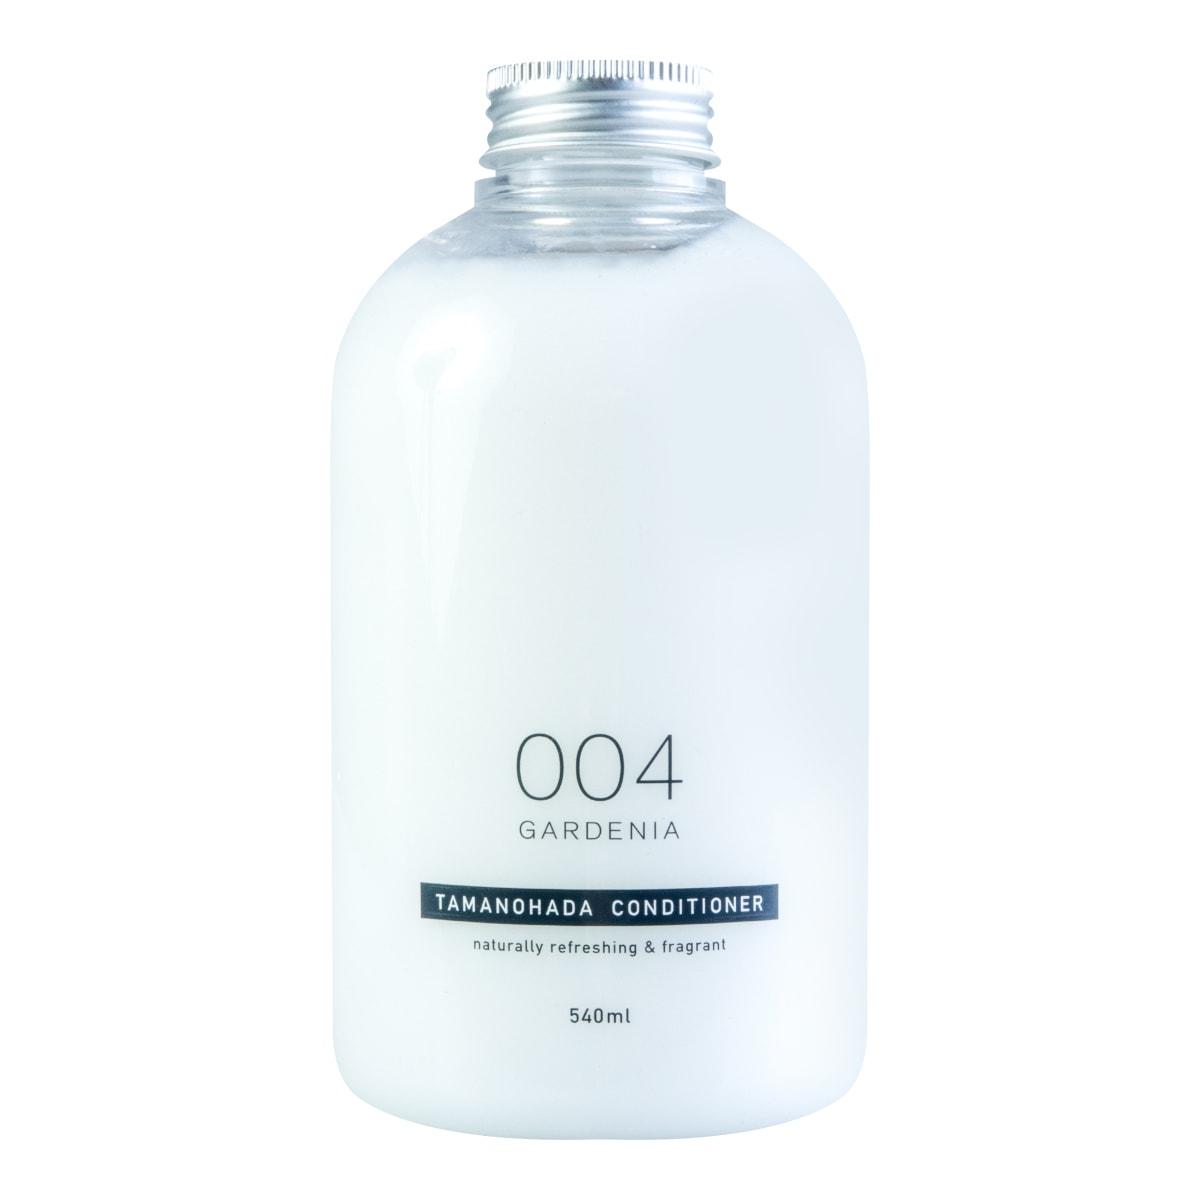 日本TAMANOHADA玉肌 无硅油护发素 #004栀子花香 540ml